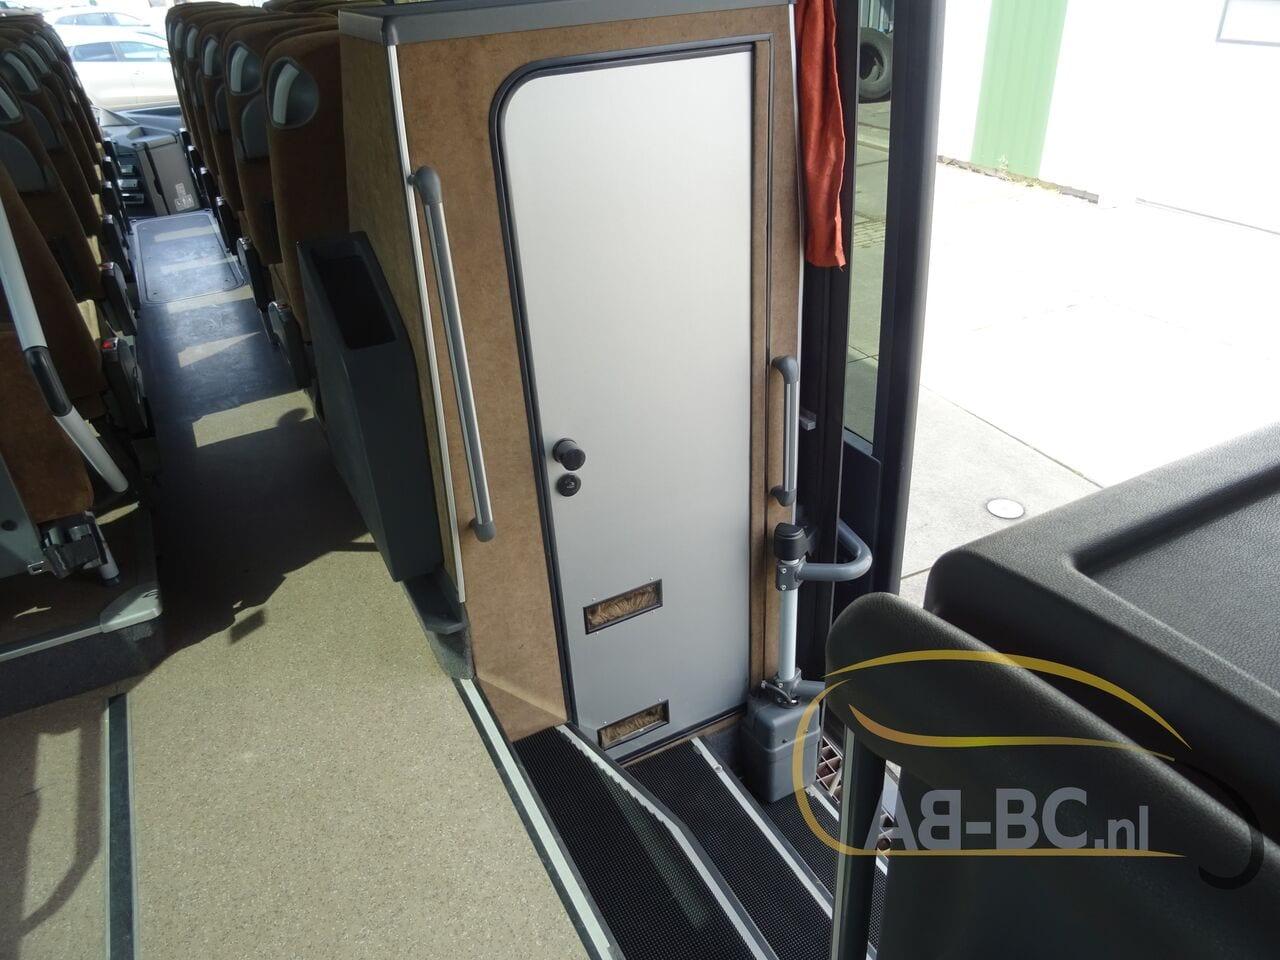 coach-busSETRA-S416H-48-SEATS-LIFTBUS---1620309961578838349_big_f155887ef66e095b652e3b51fba54801--21050616581387095000